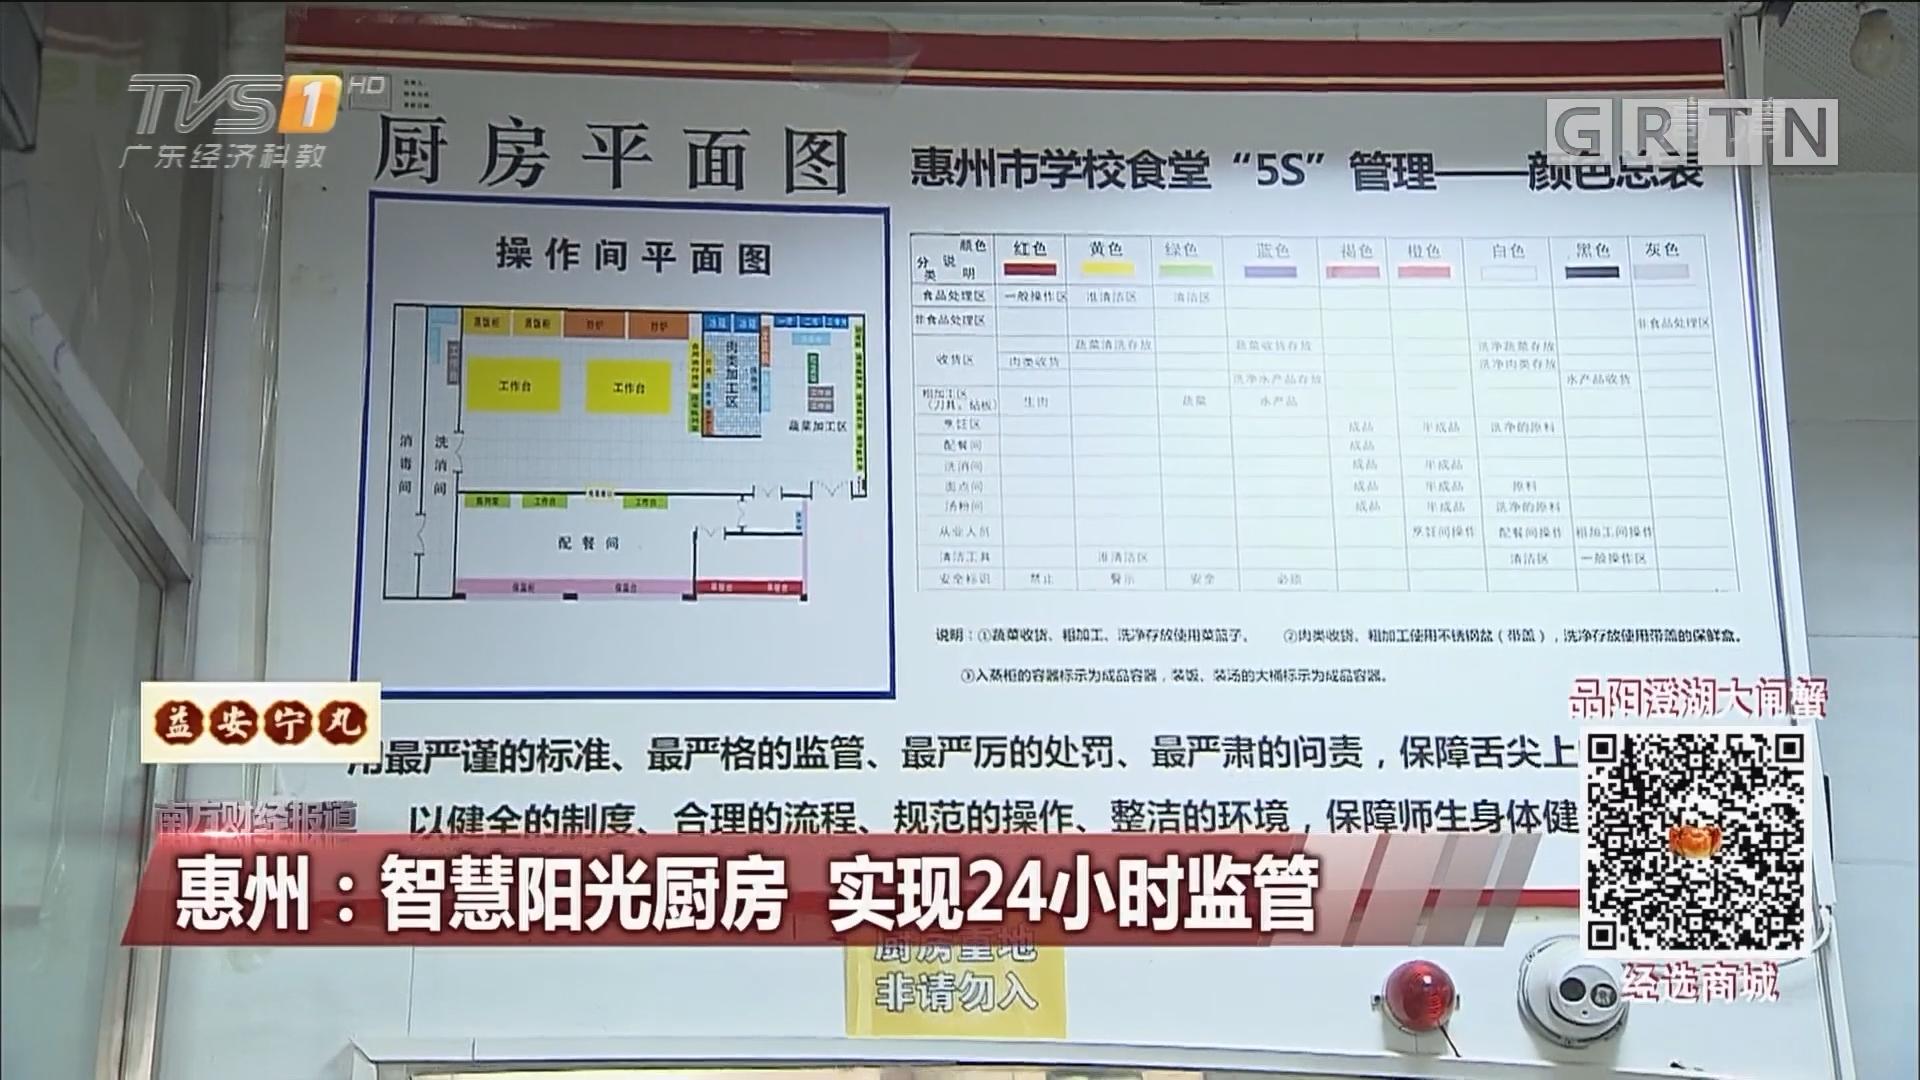 惠州:智慧阳光厨房 实现24小时监管